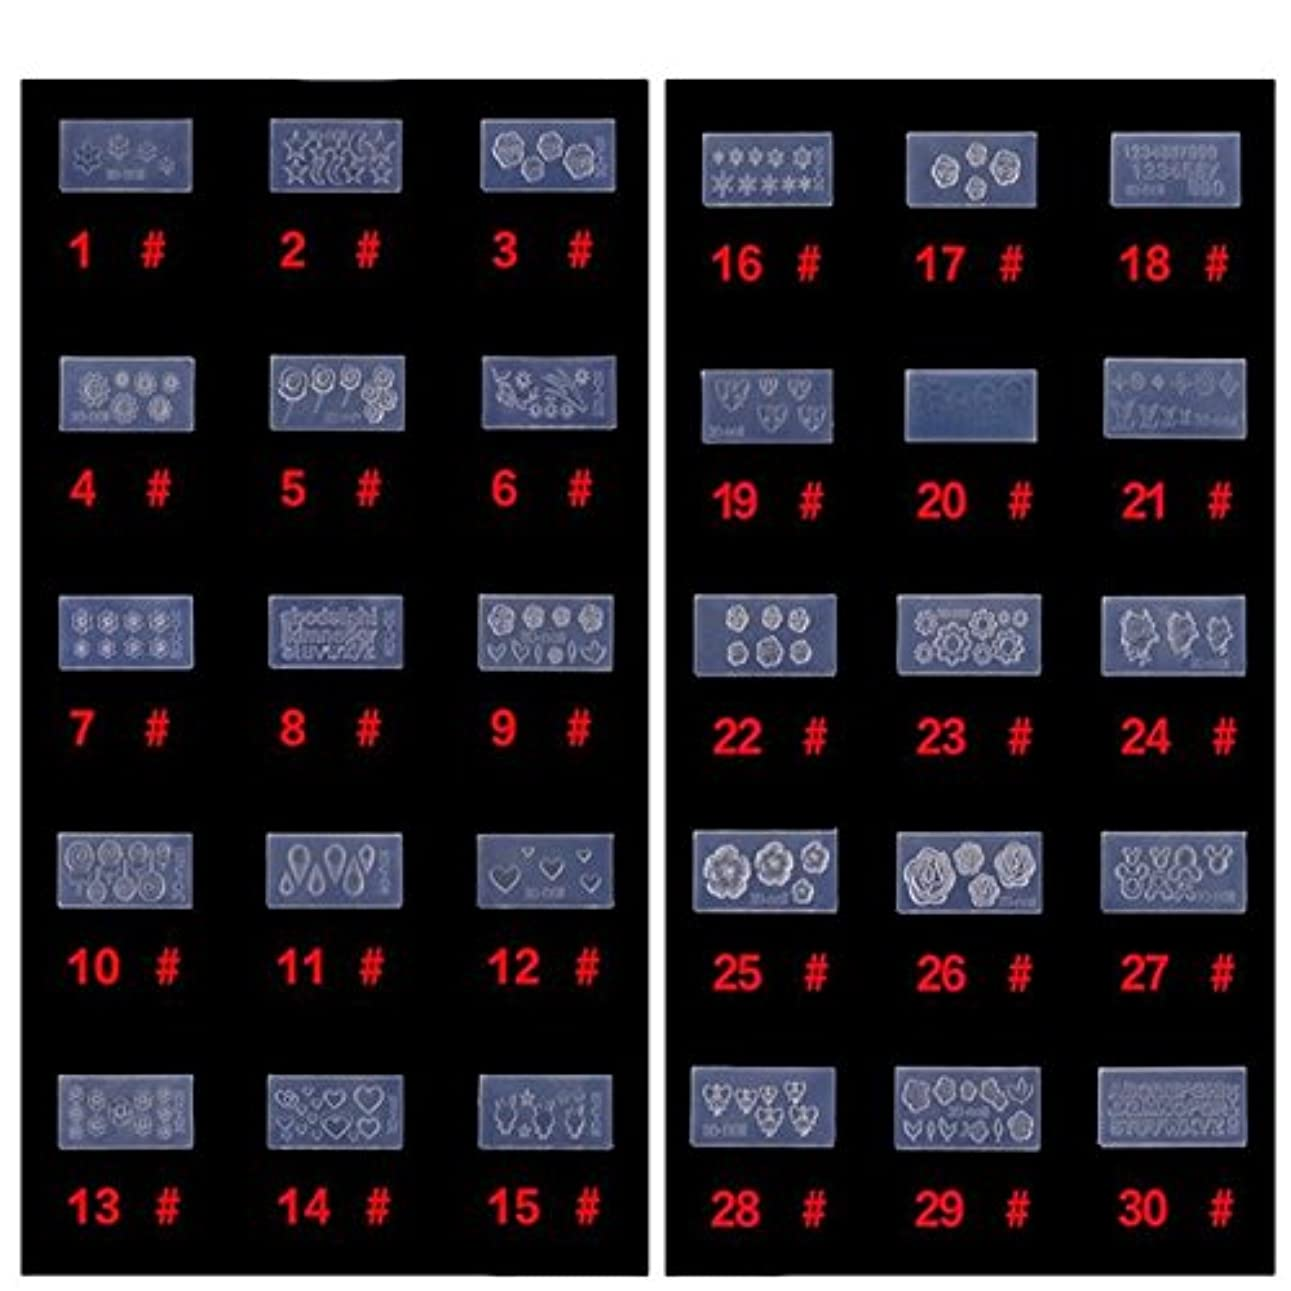 ガイダンス一般的な委任するシリコン モールド 3D ネイル用 アートデコ まとめて30個 ランダムセット レジン 道具 型 型どり